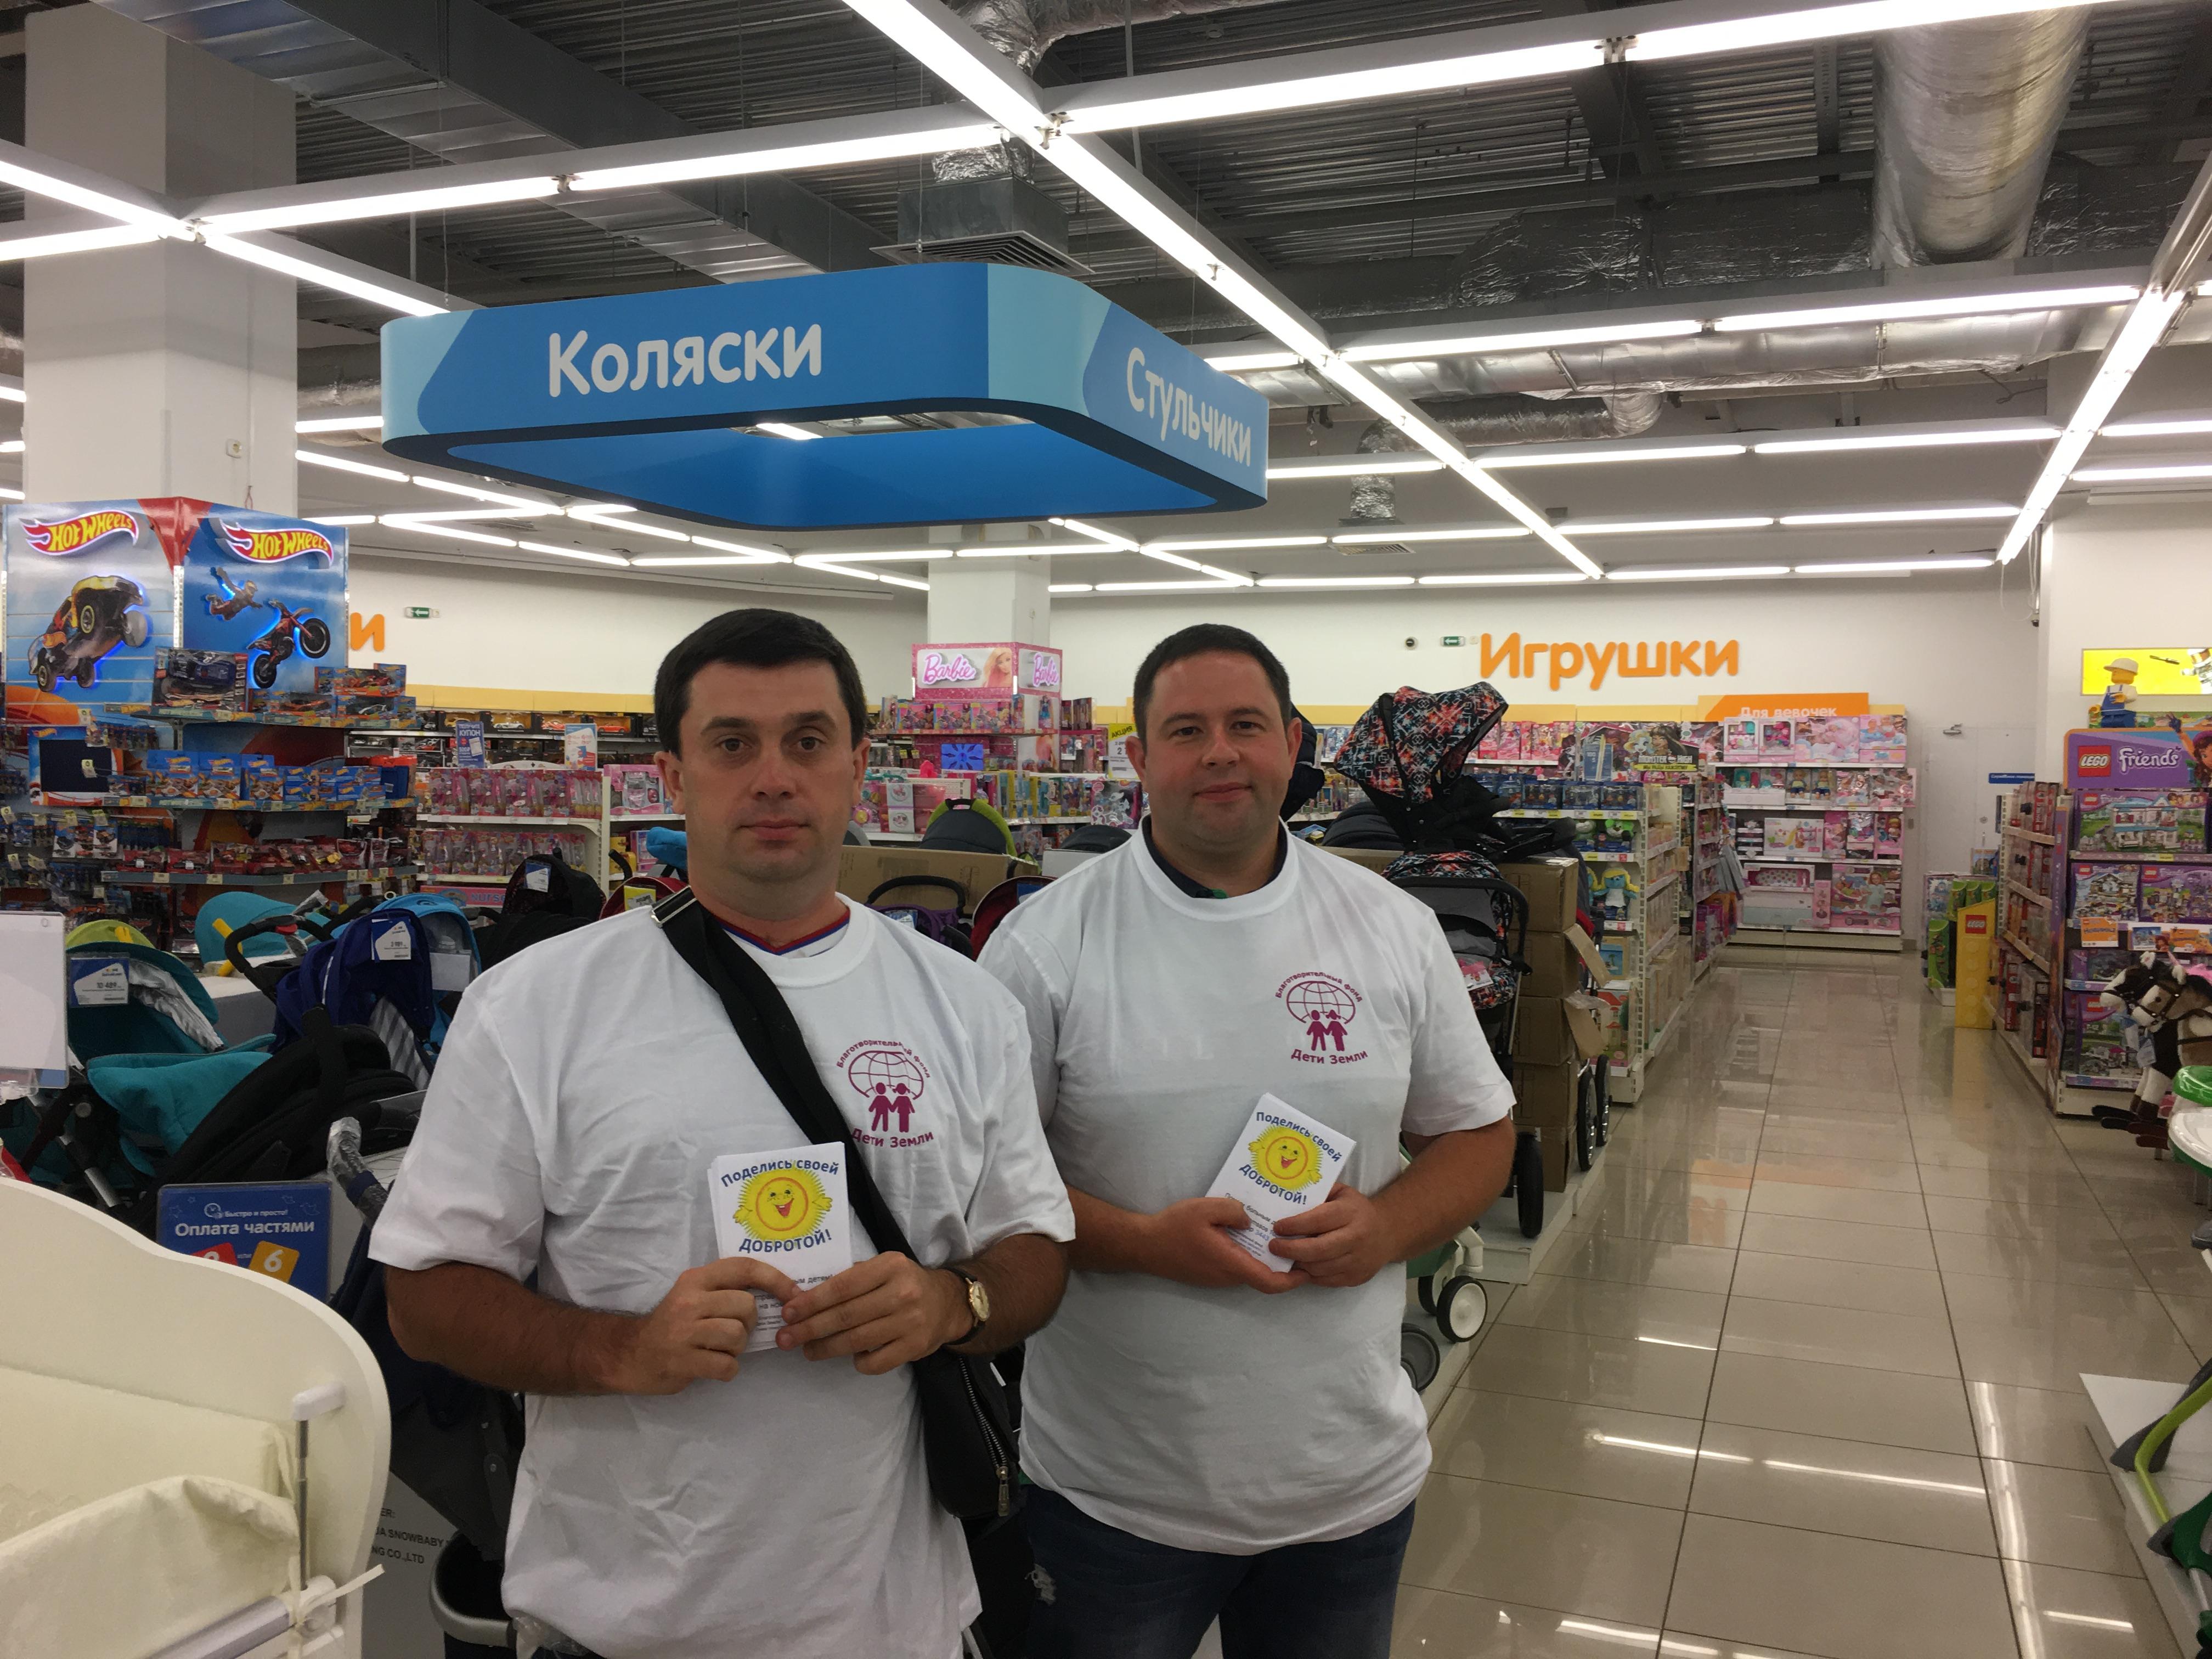 волонтеры благотворительного фонда Дети Земли